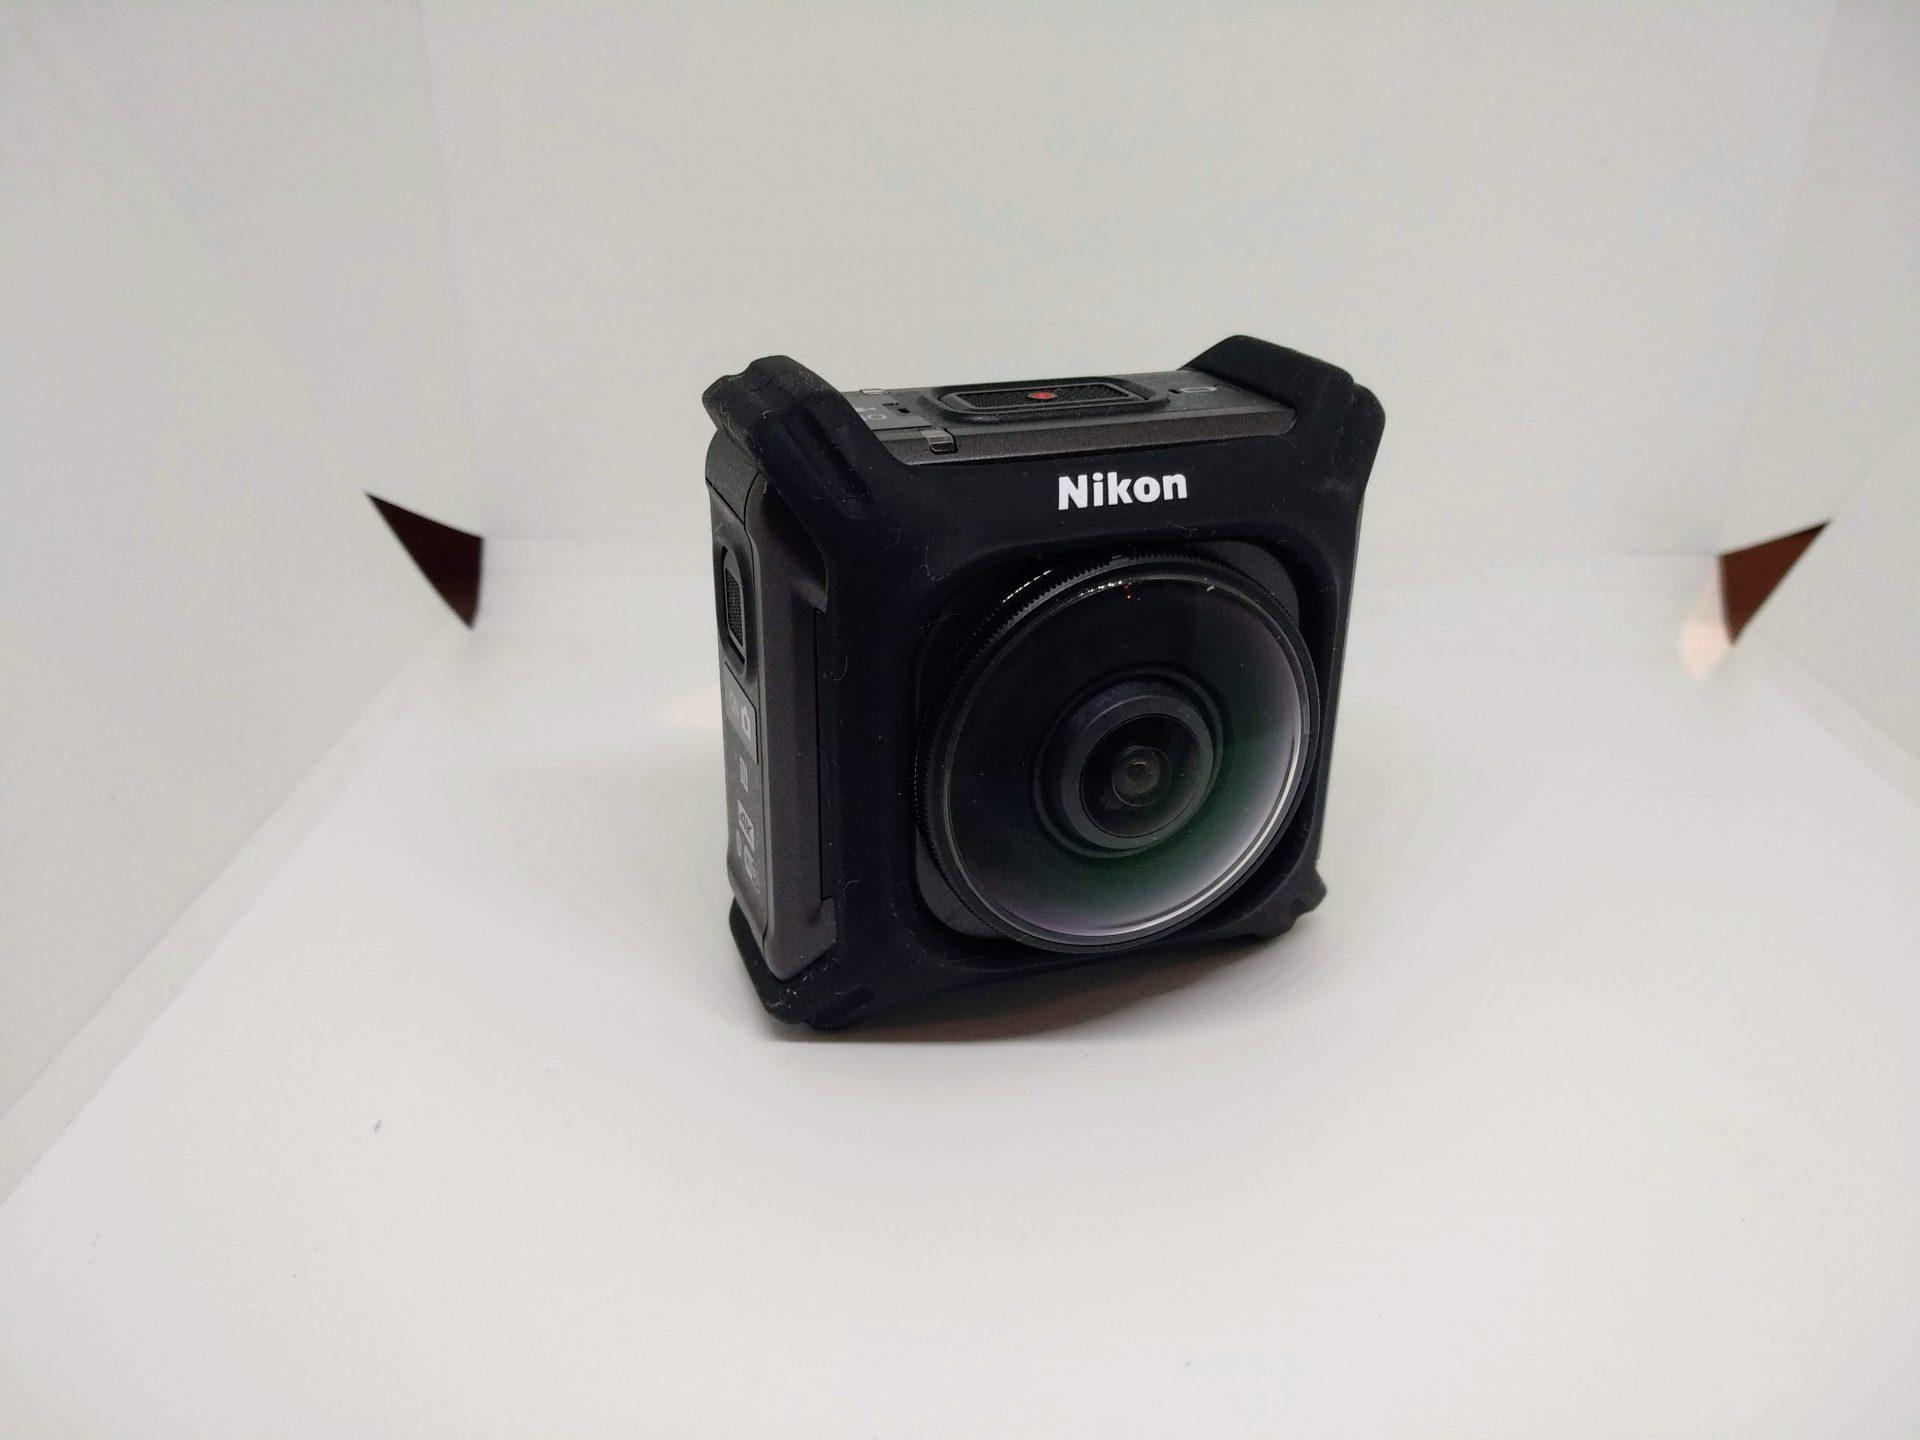 recensione keymission 360 - Nikon Keymission 360 Gianluca Gentile - Recensione Keymission 360